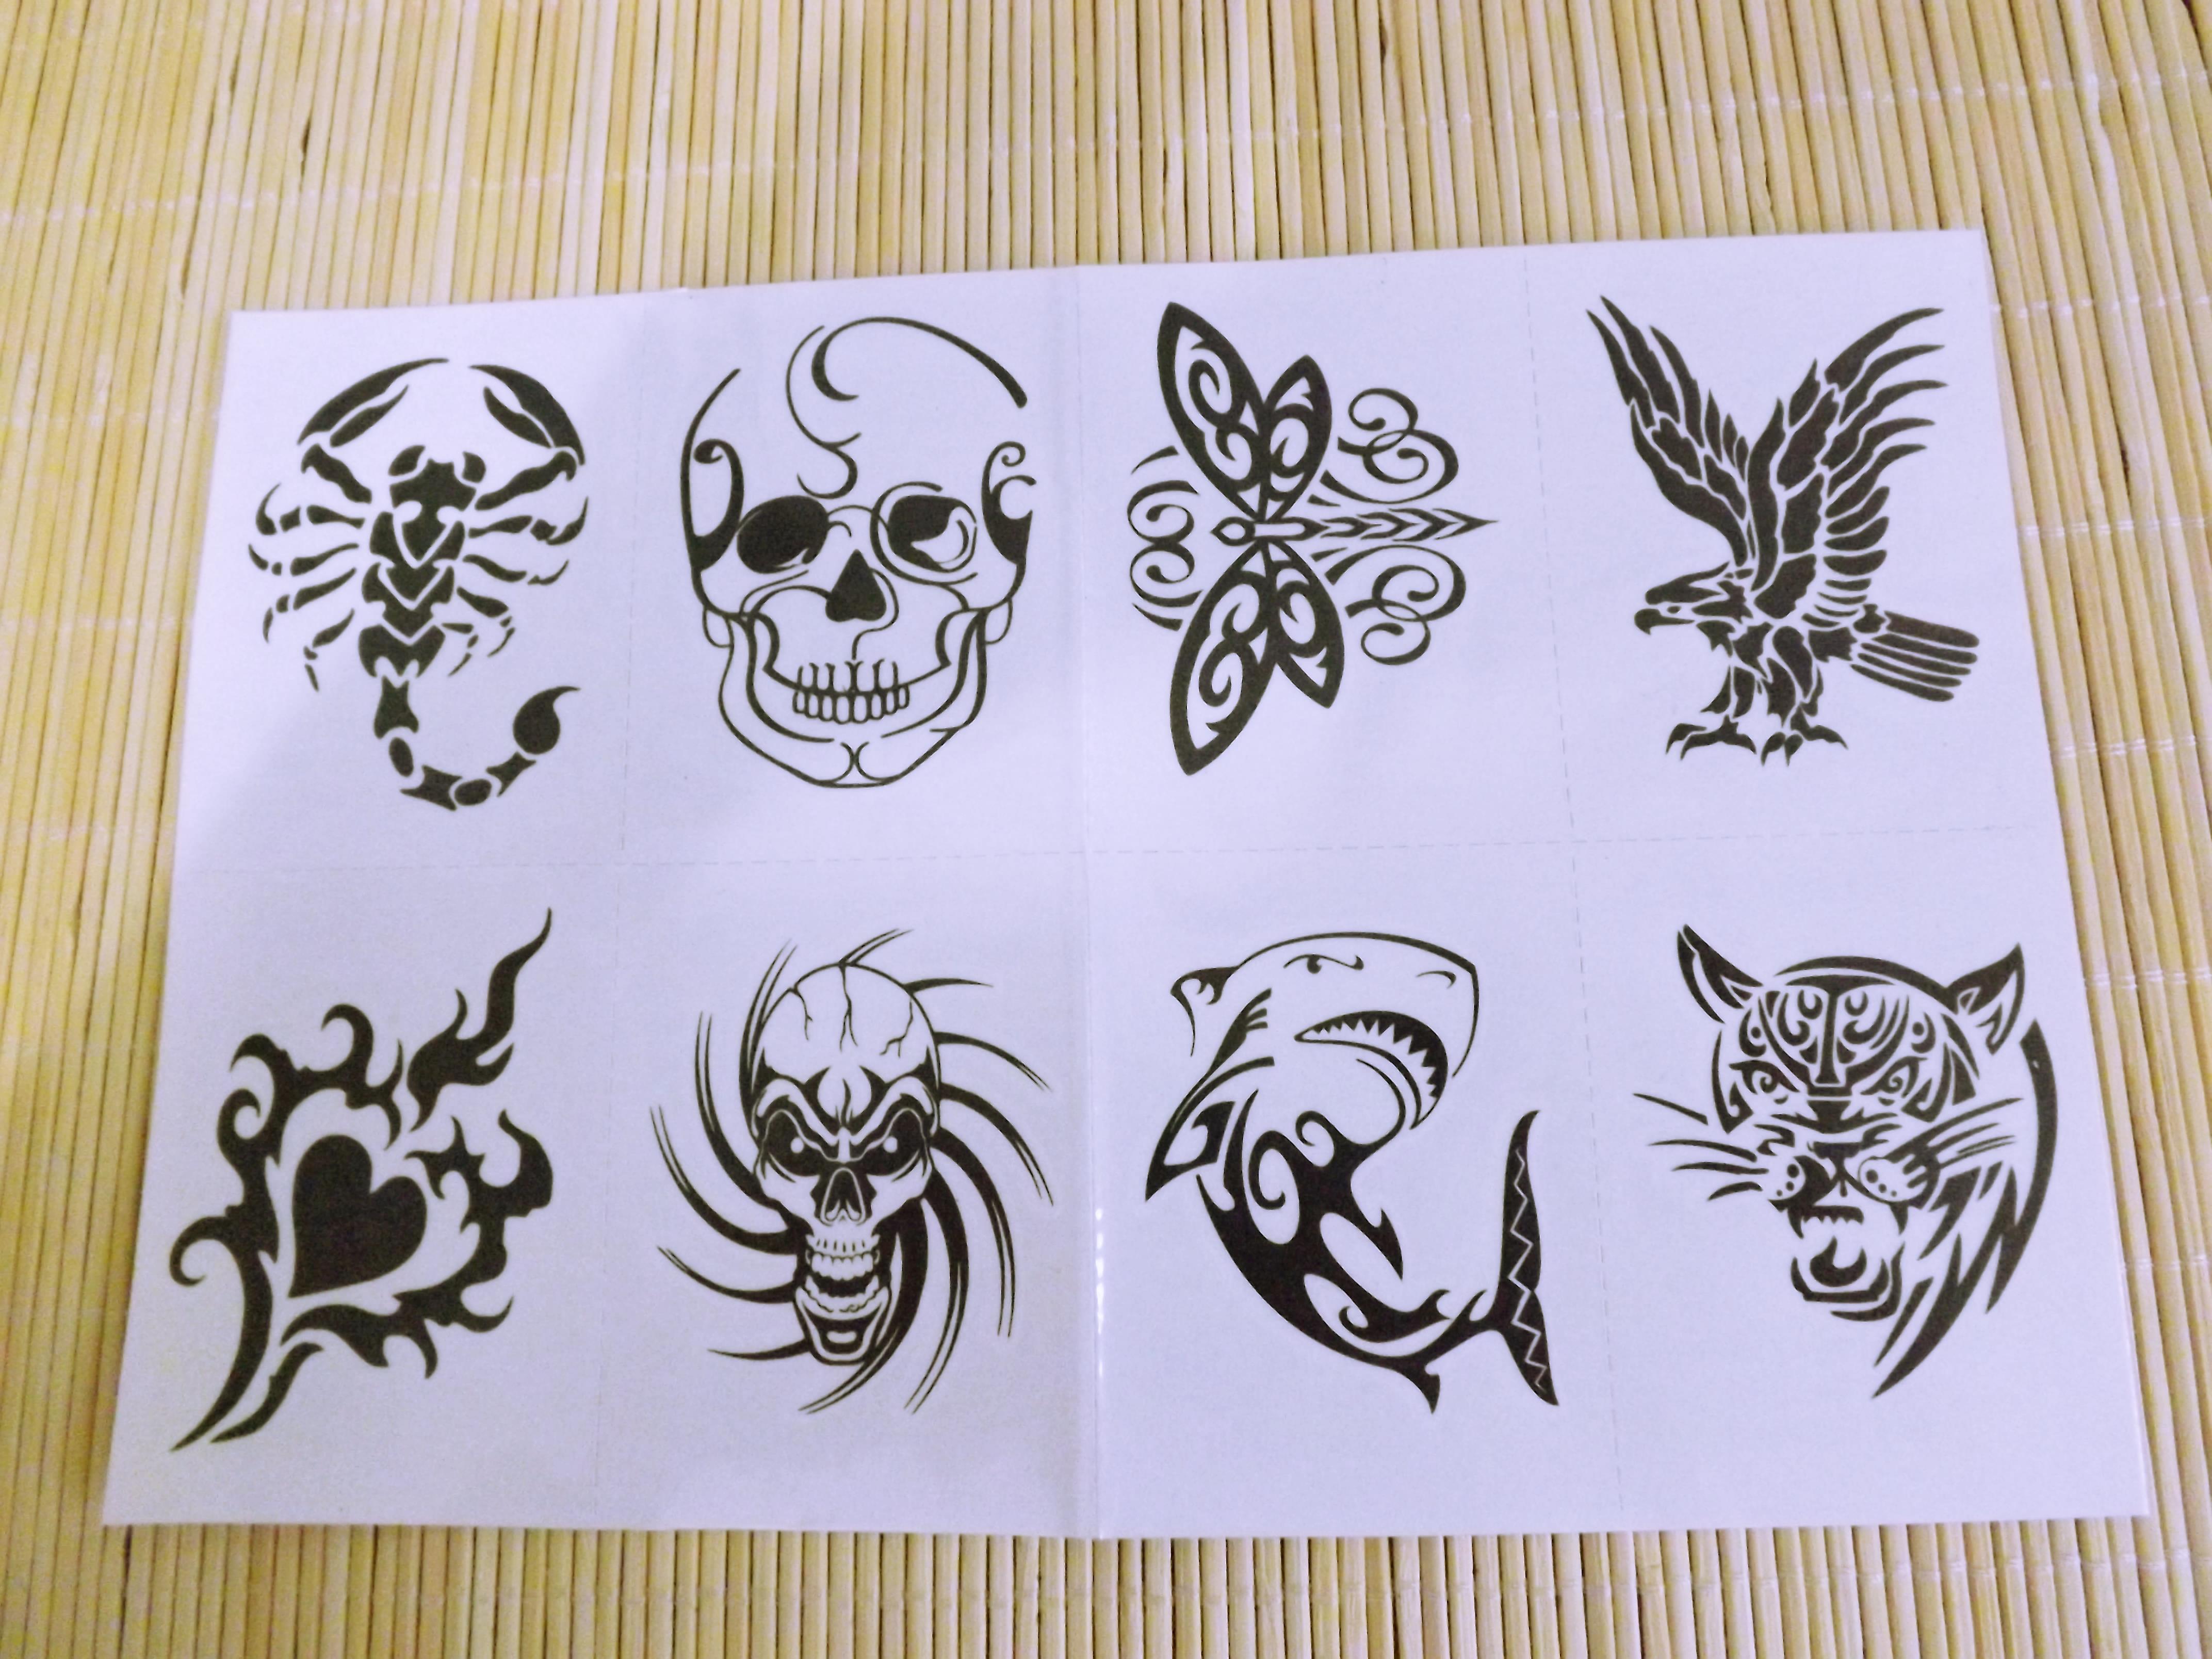 Tatuagem Temp Mod 35 Animais Tribais No Elo7 Divando Store